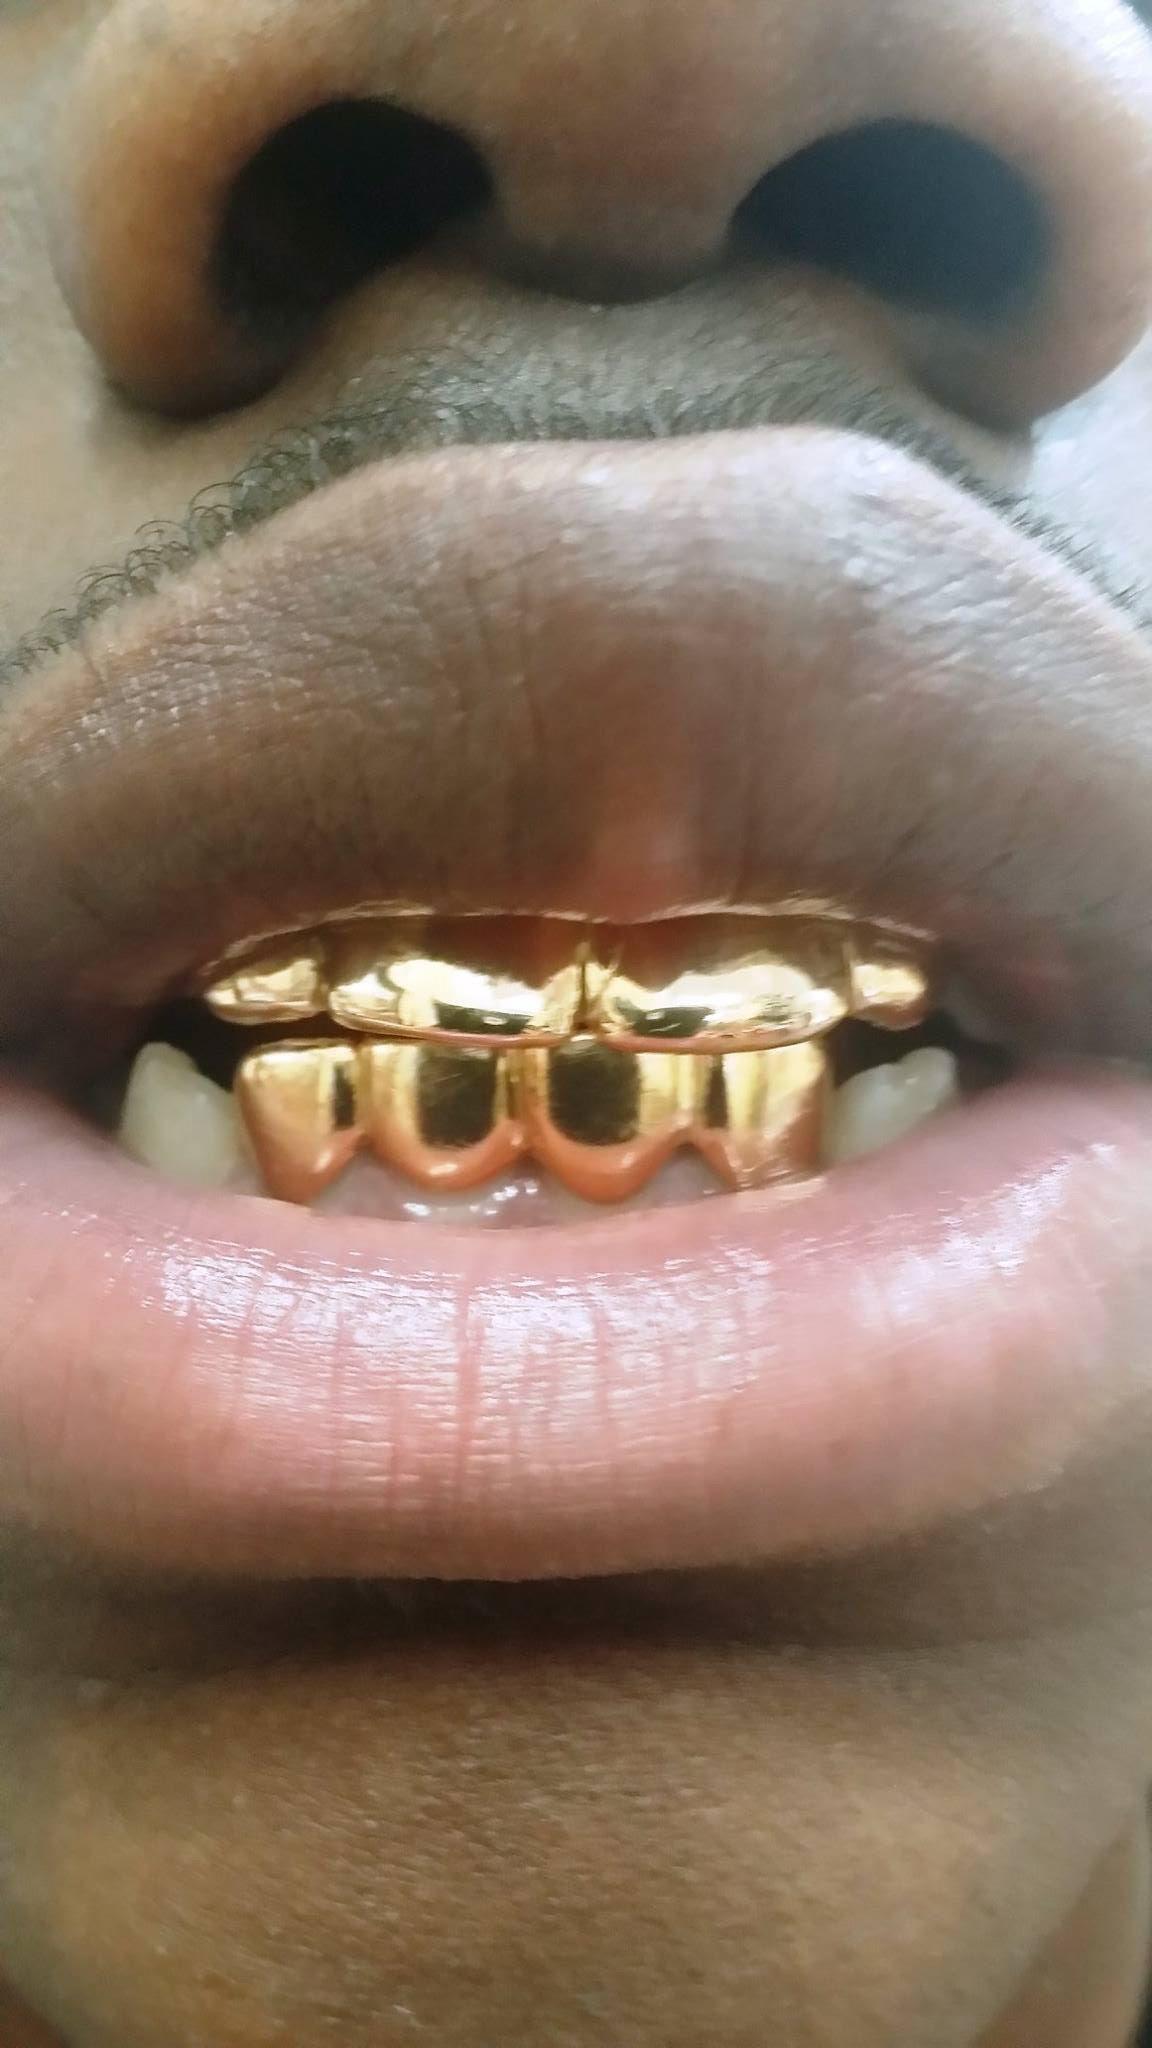 Gold Teeth Miami : teeth, miami, Grillz, Miami, Diamond, Grillz,